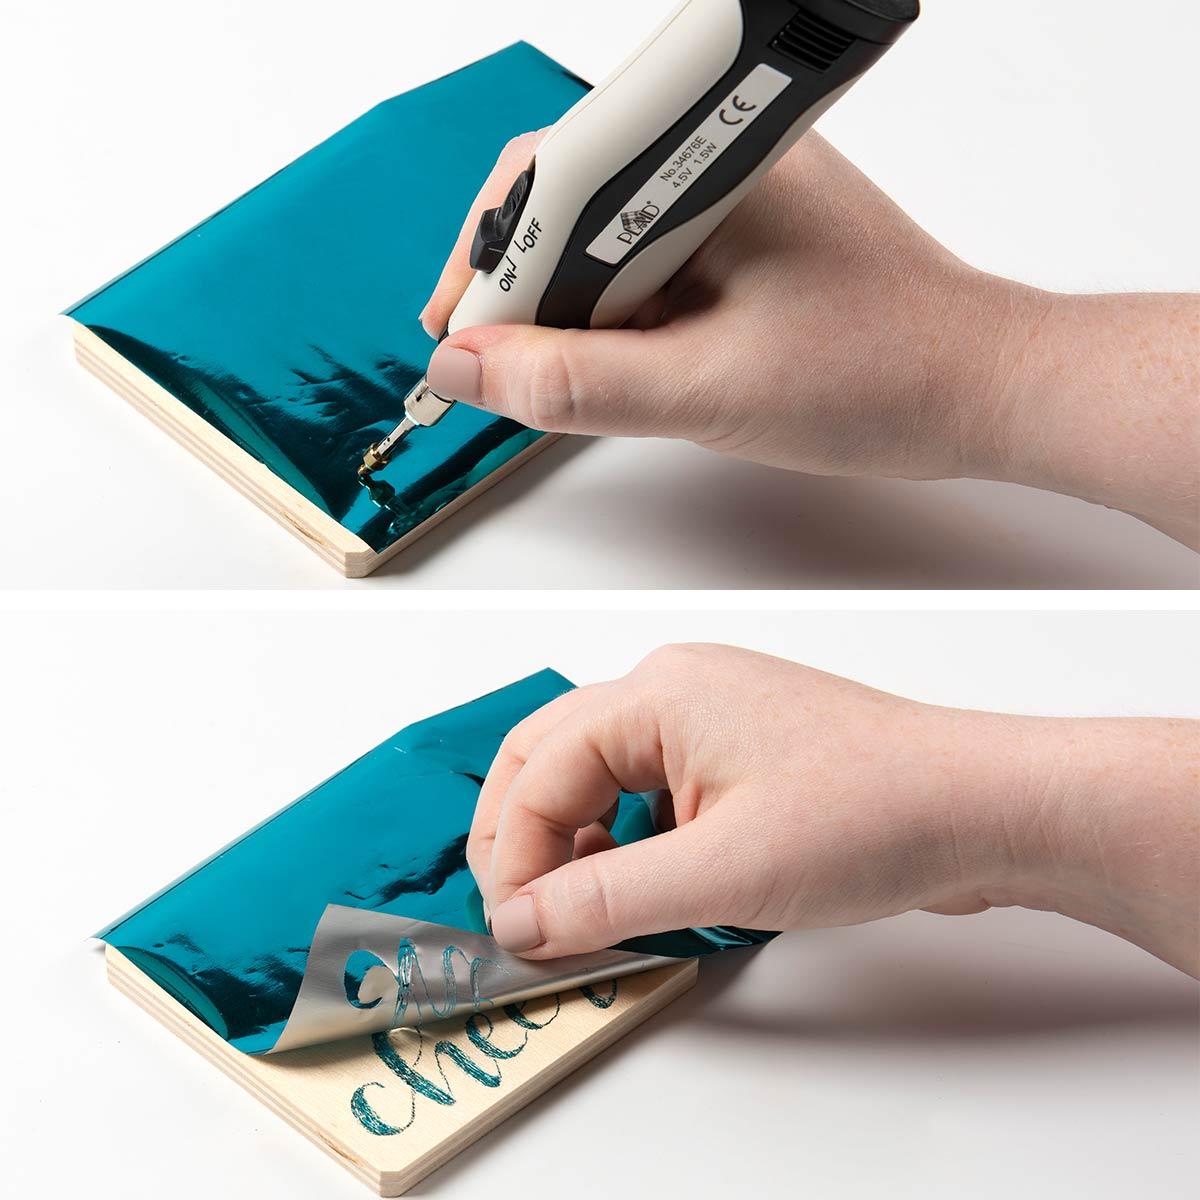 Hot Foil Pen Coasters